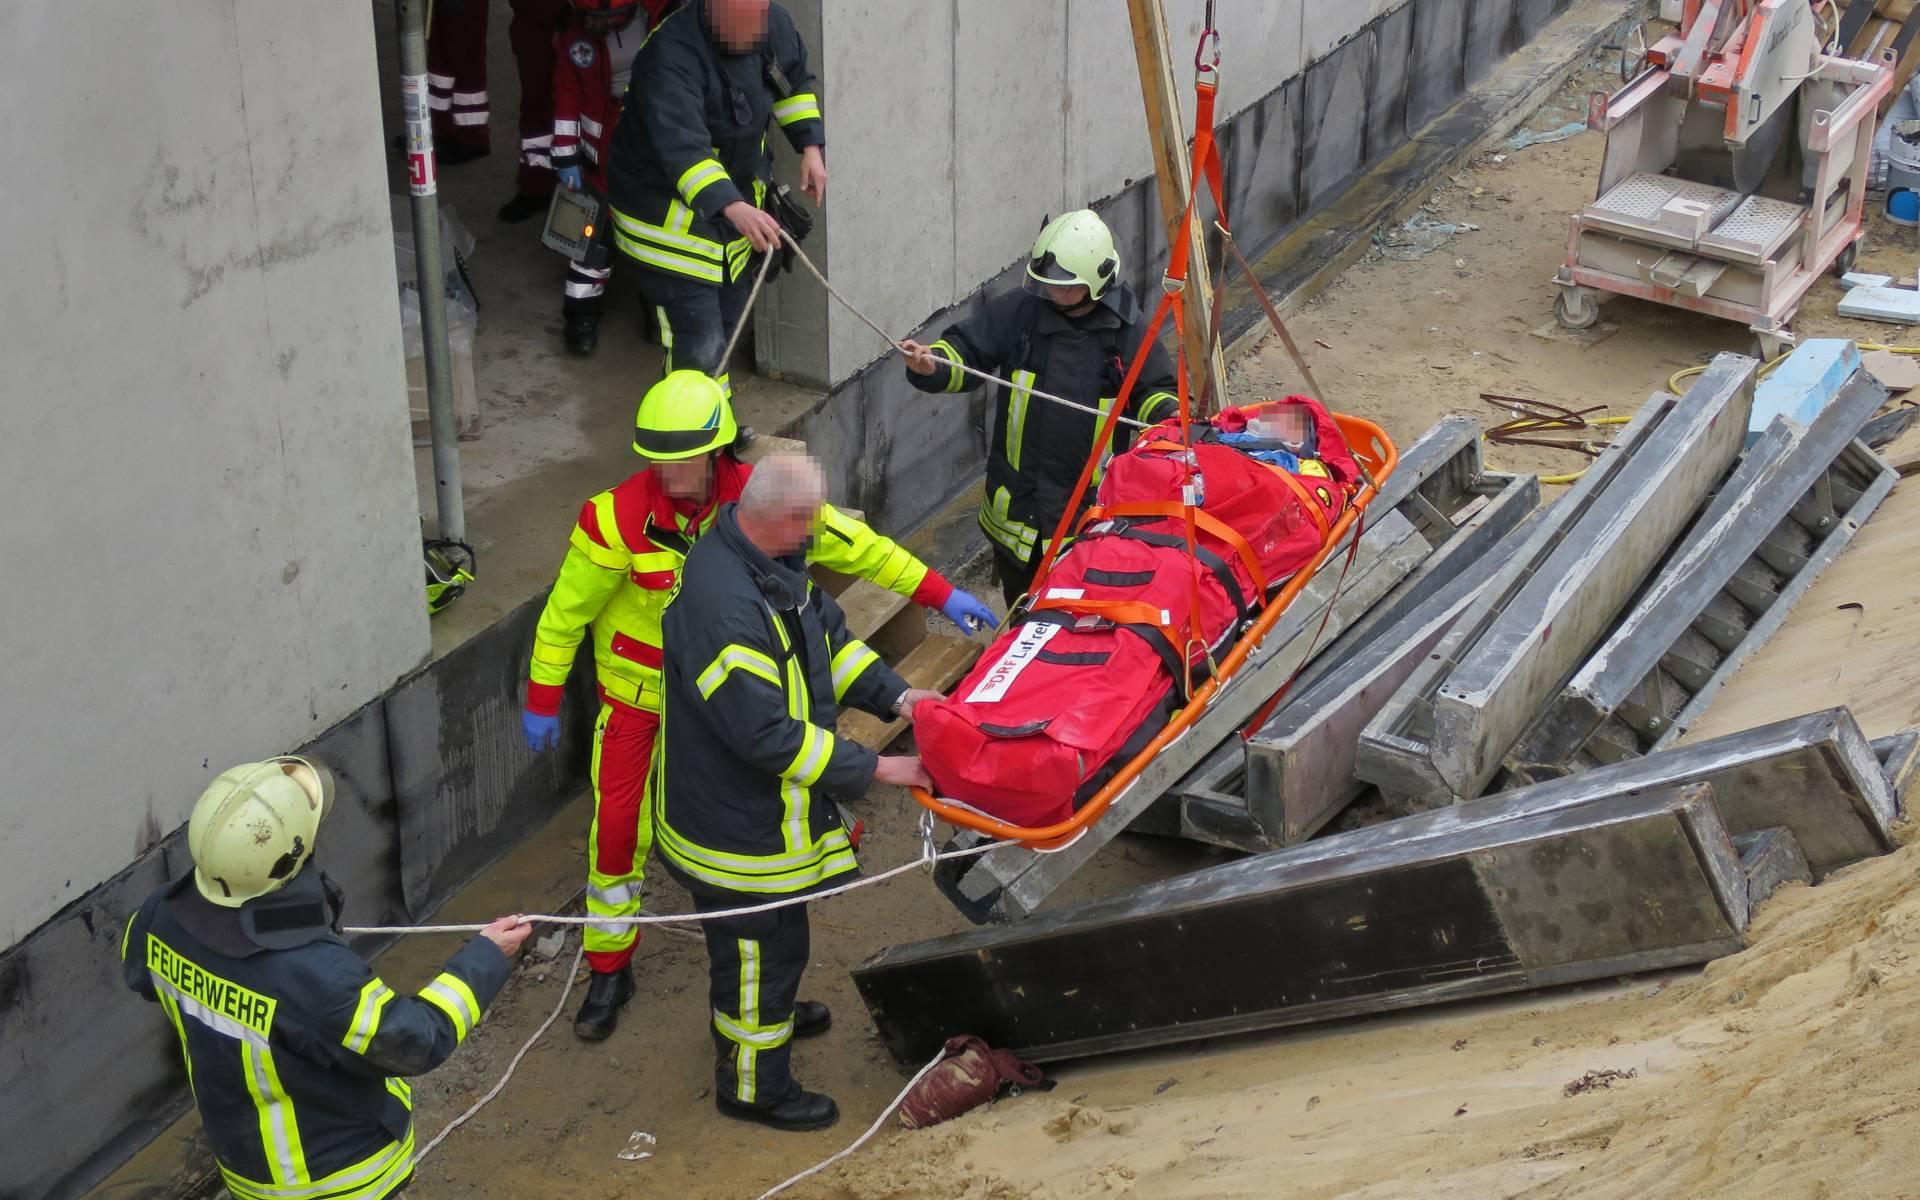 Transport aus der Baugrube: Die Rettungskräfte arbeiten Hand in Hand, um den Patienten mit einer Drehleiter nach oben zu heben.